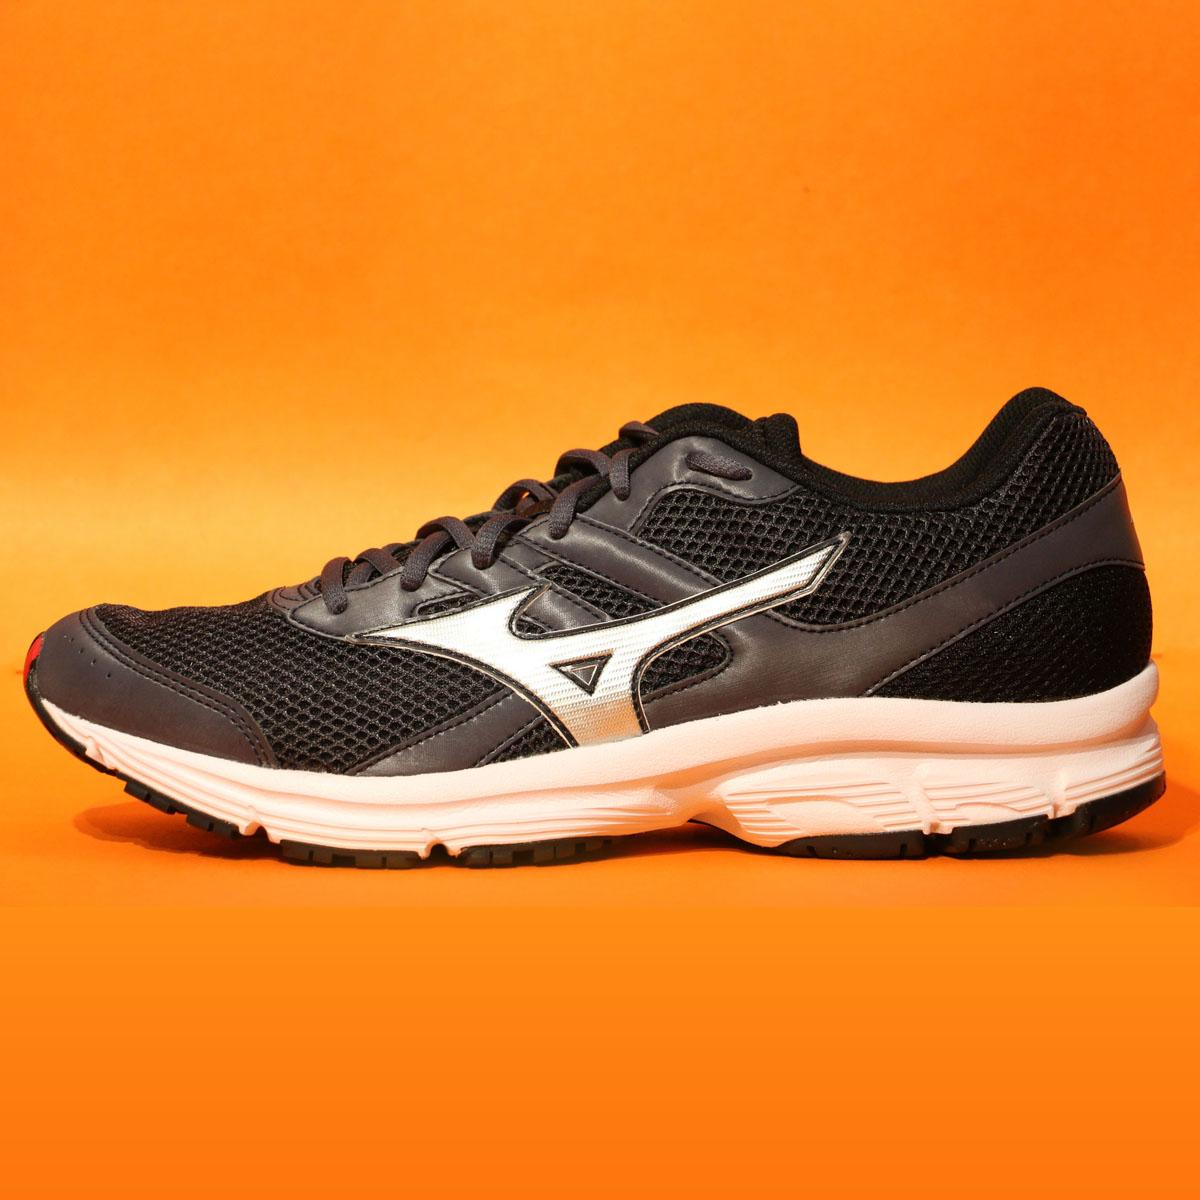 کفش پیاده روی مردانه میزانو مدل Spark کد K1GA160305